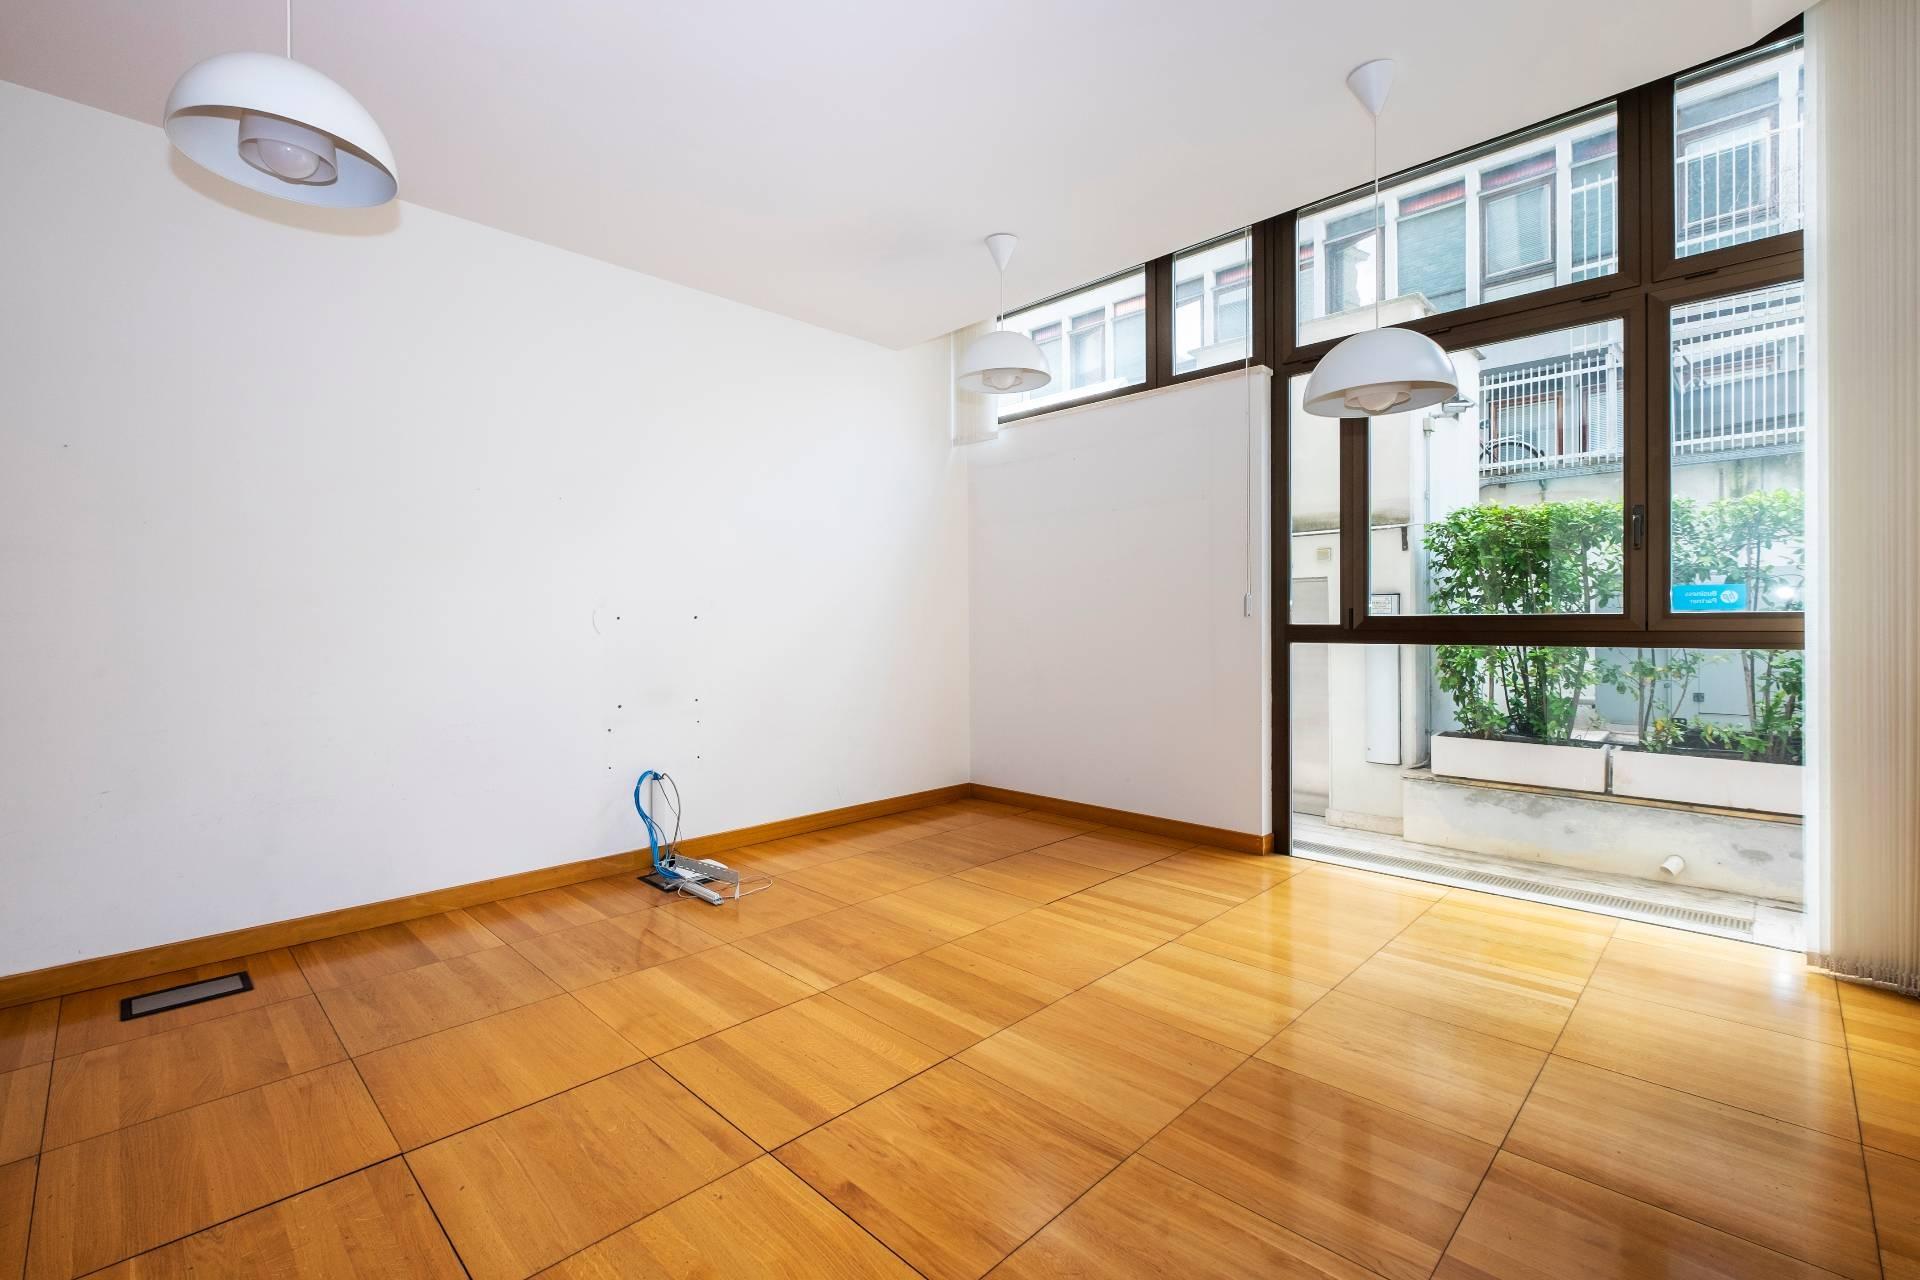 Appartamento in Vendita a Roma: 3 locali, 43 mq - Foto 2